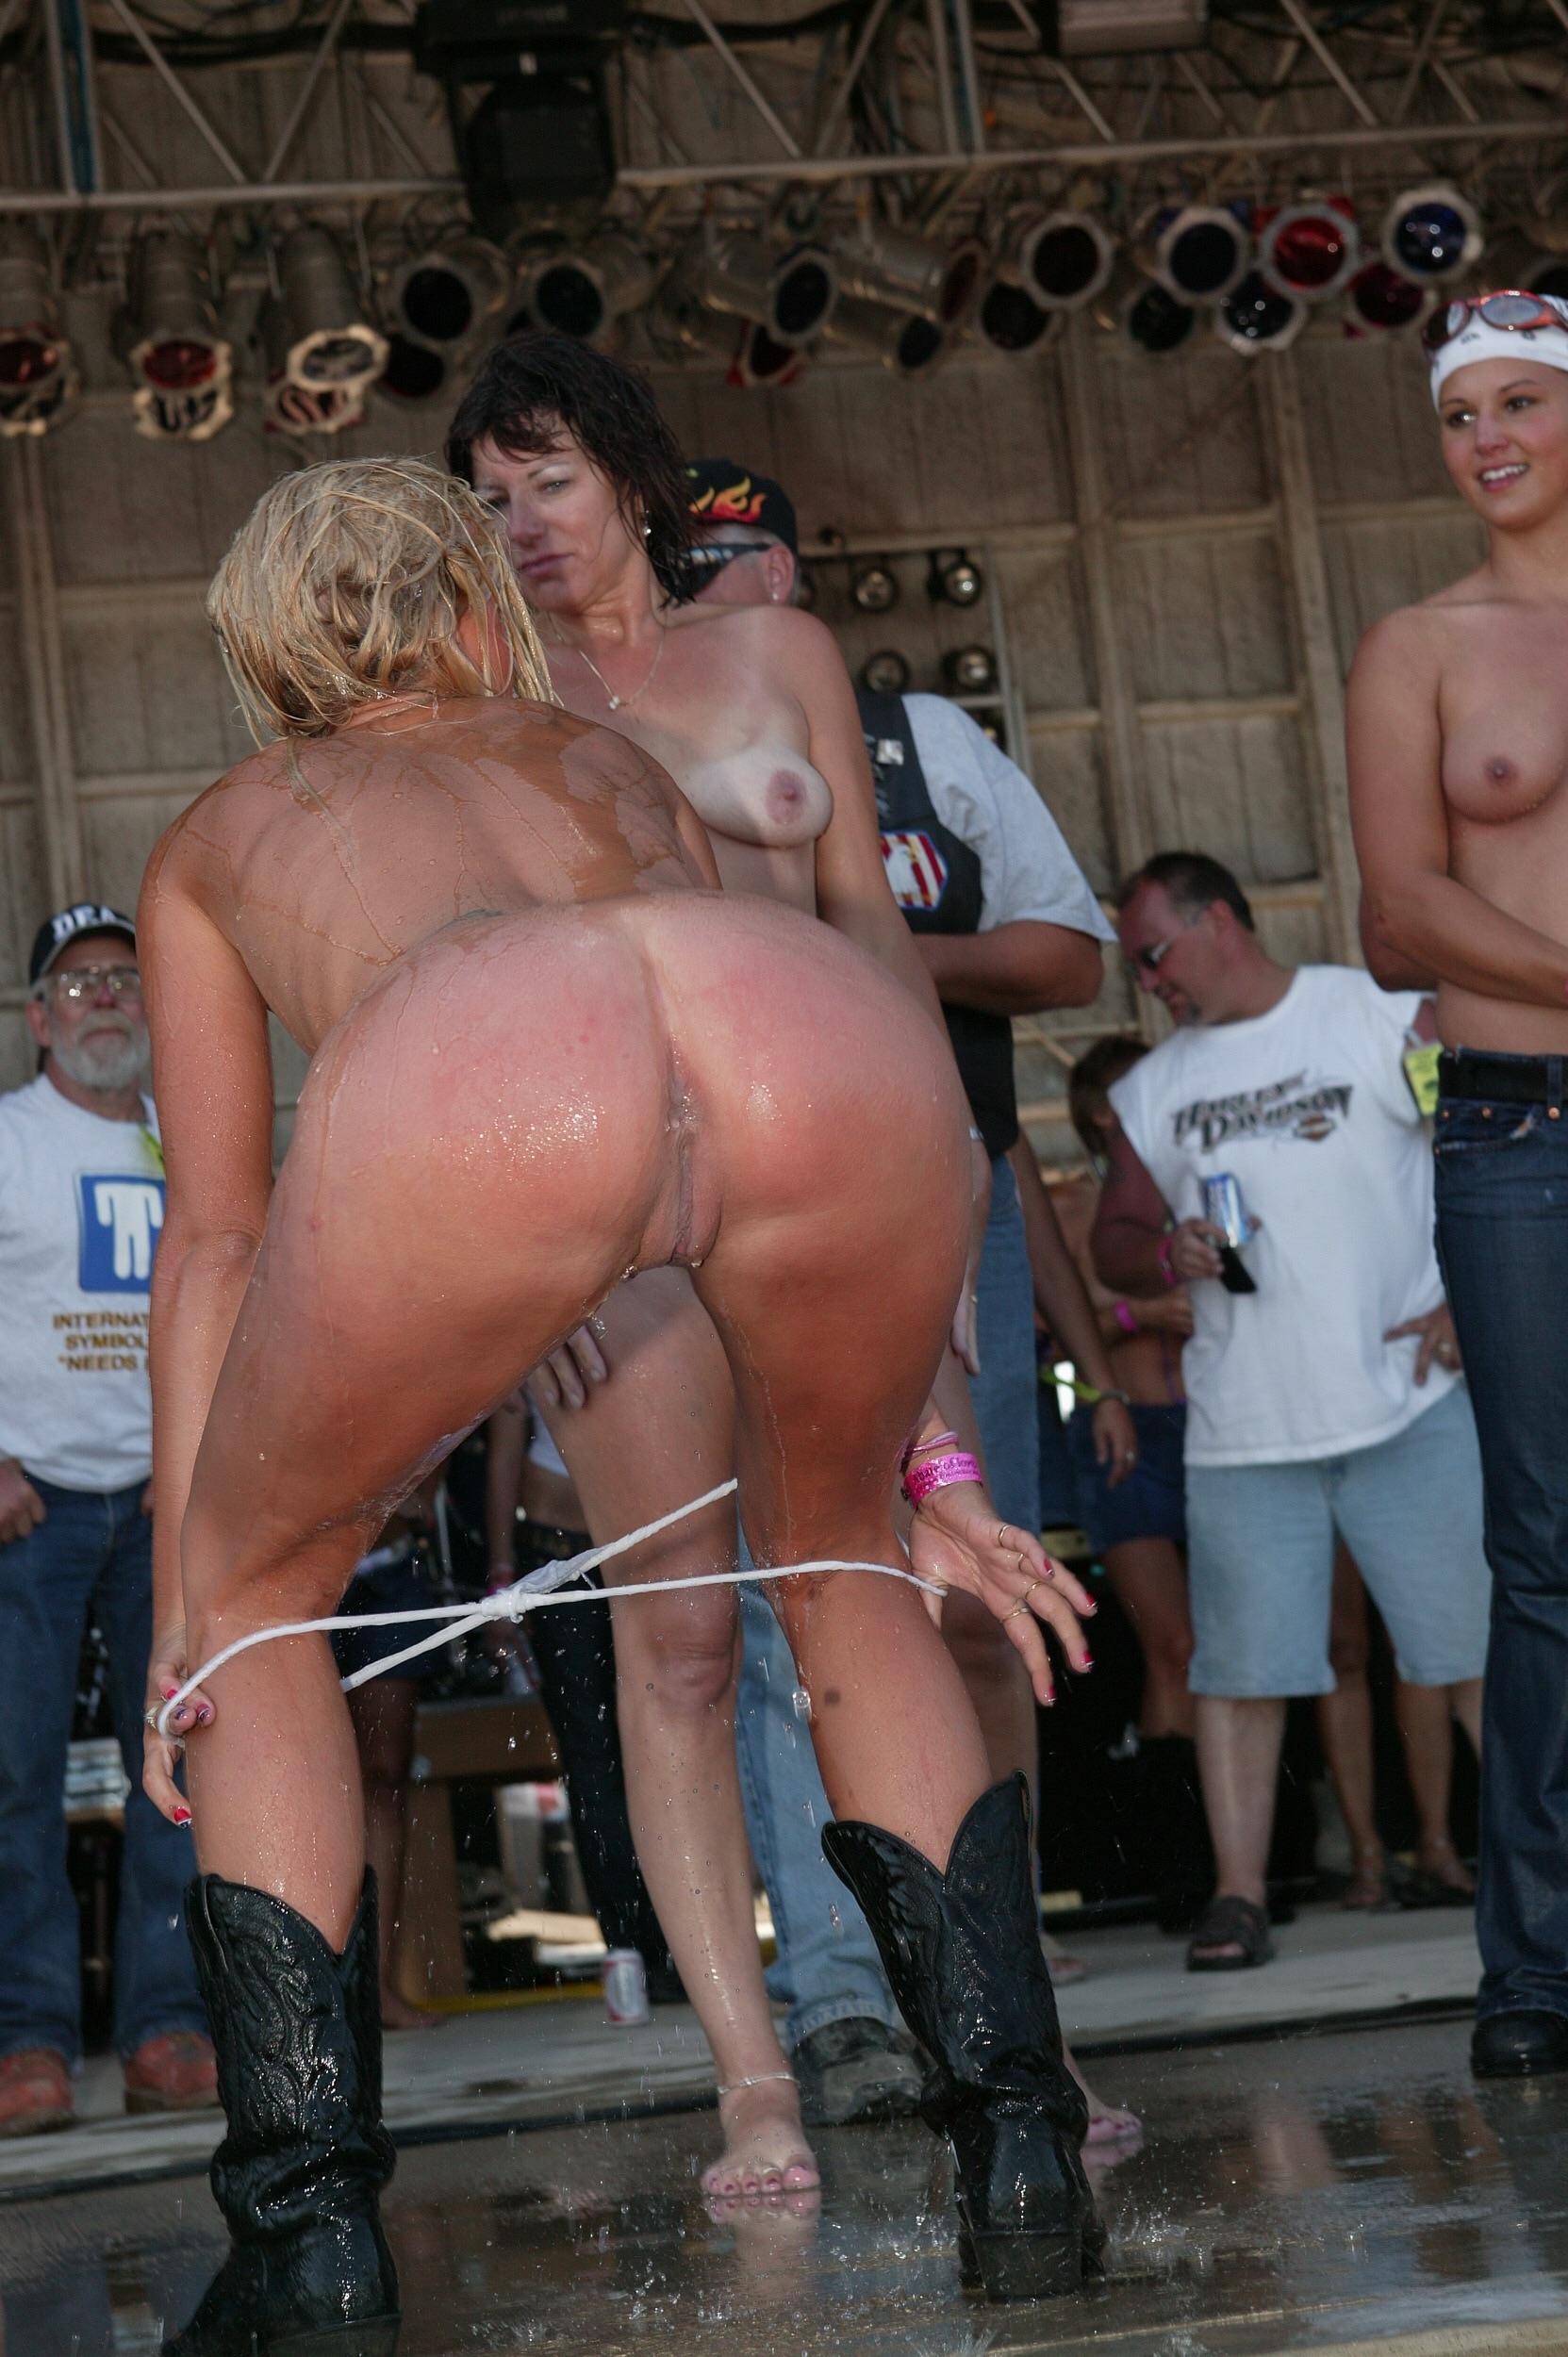 Sluts at festivals